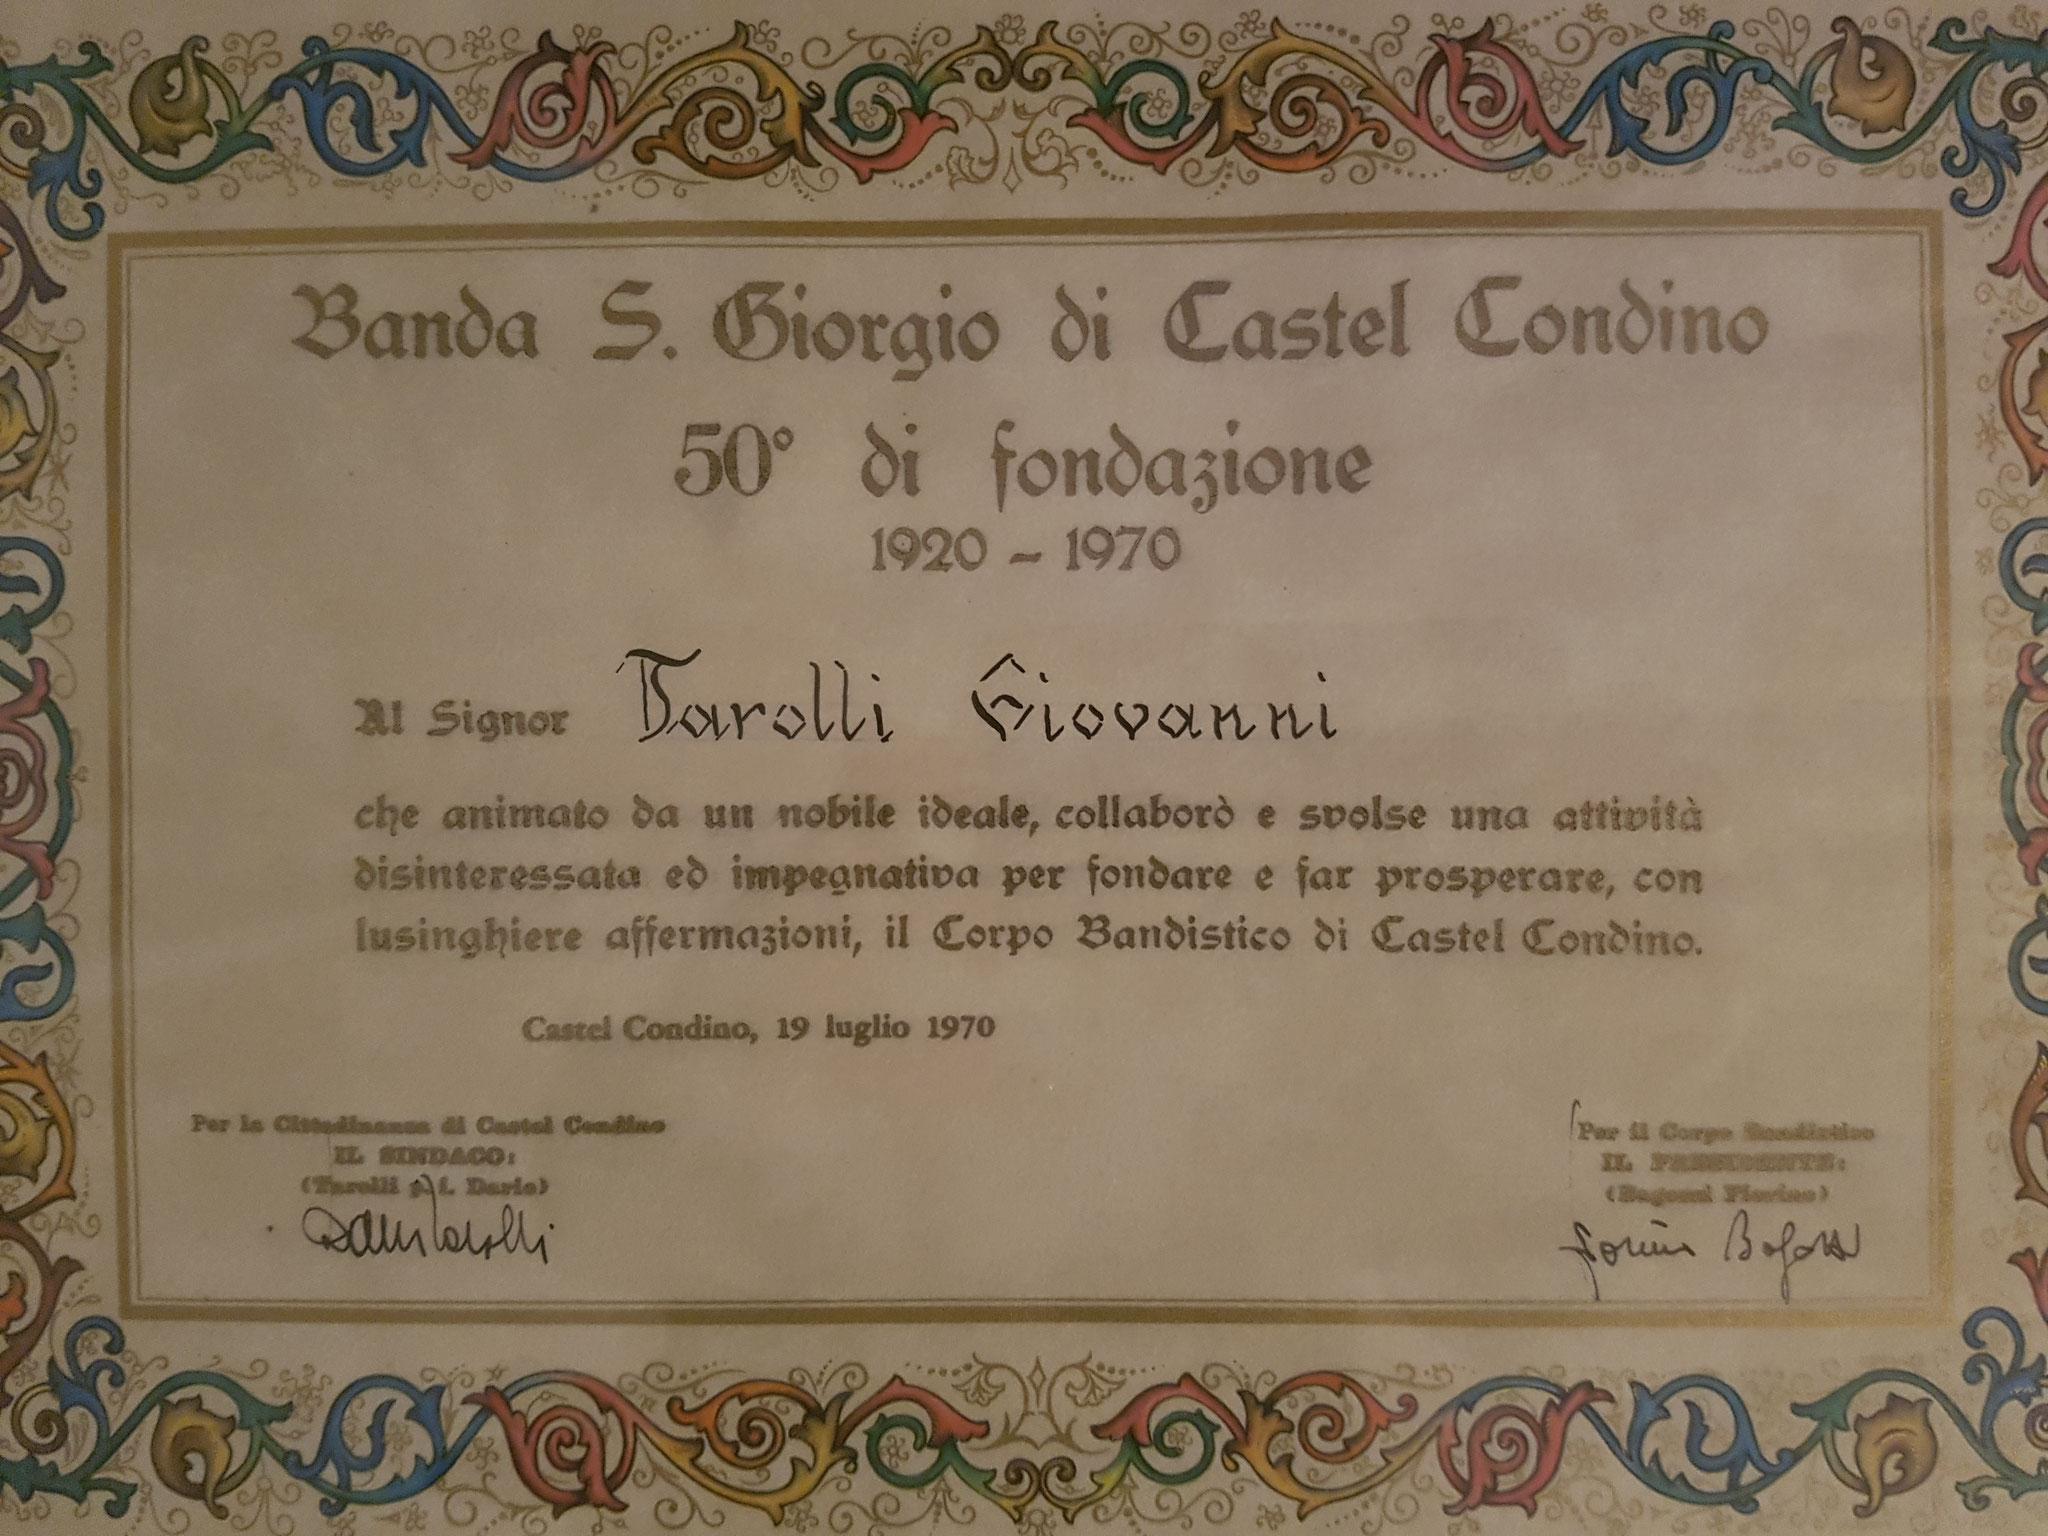 10 agosto 1970 Riconoscimento a Tarolli Giovanni